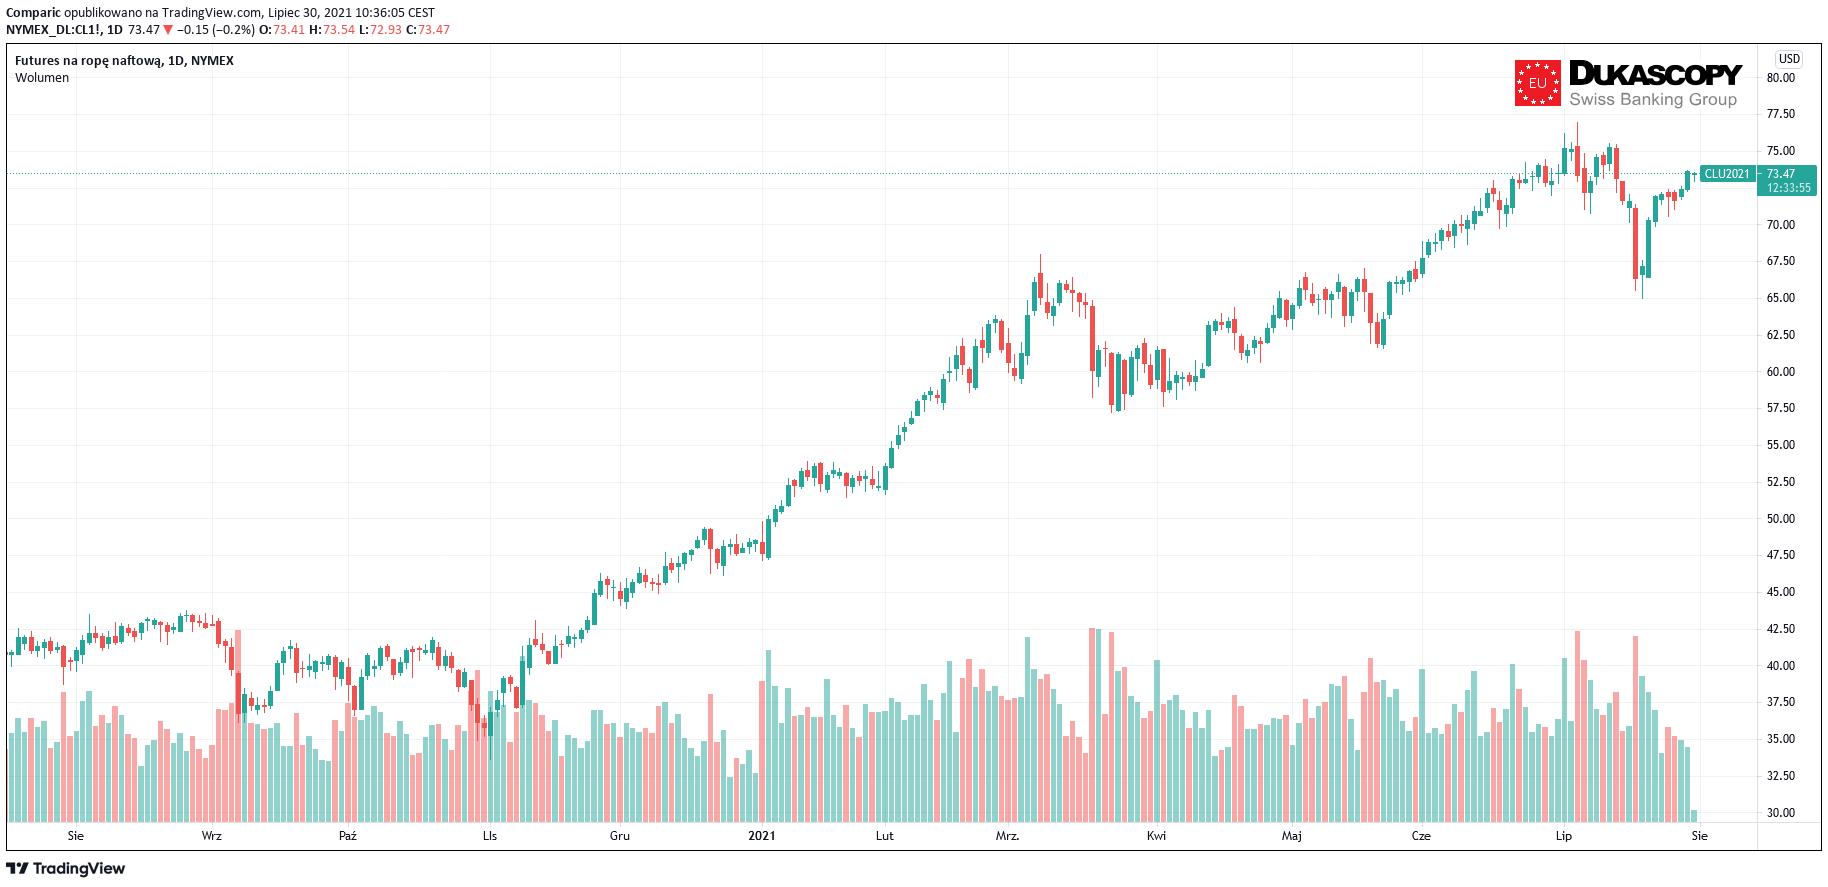 Cena ropy w dół w piątek, od poniedziałku OPEC+ zwiększy podaż